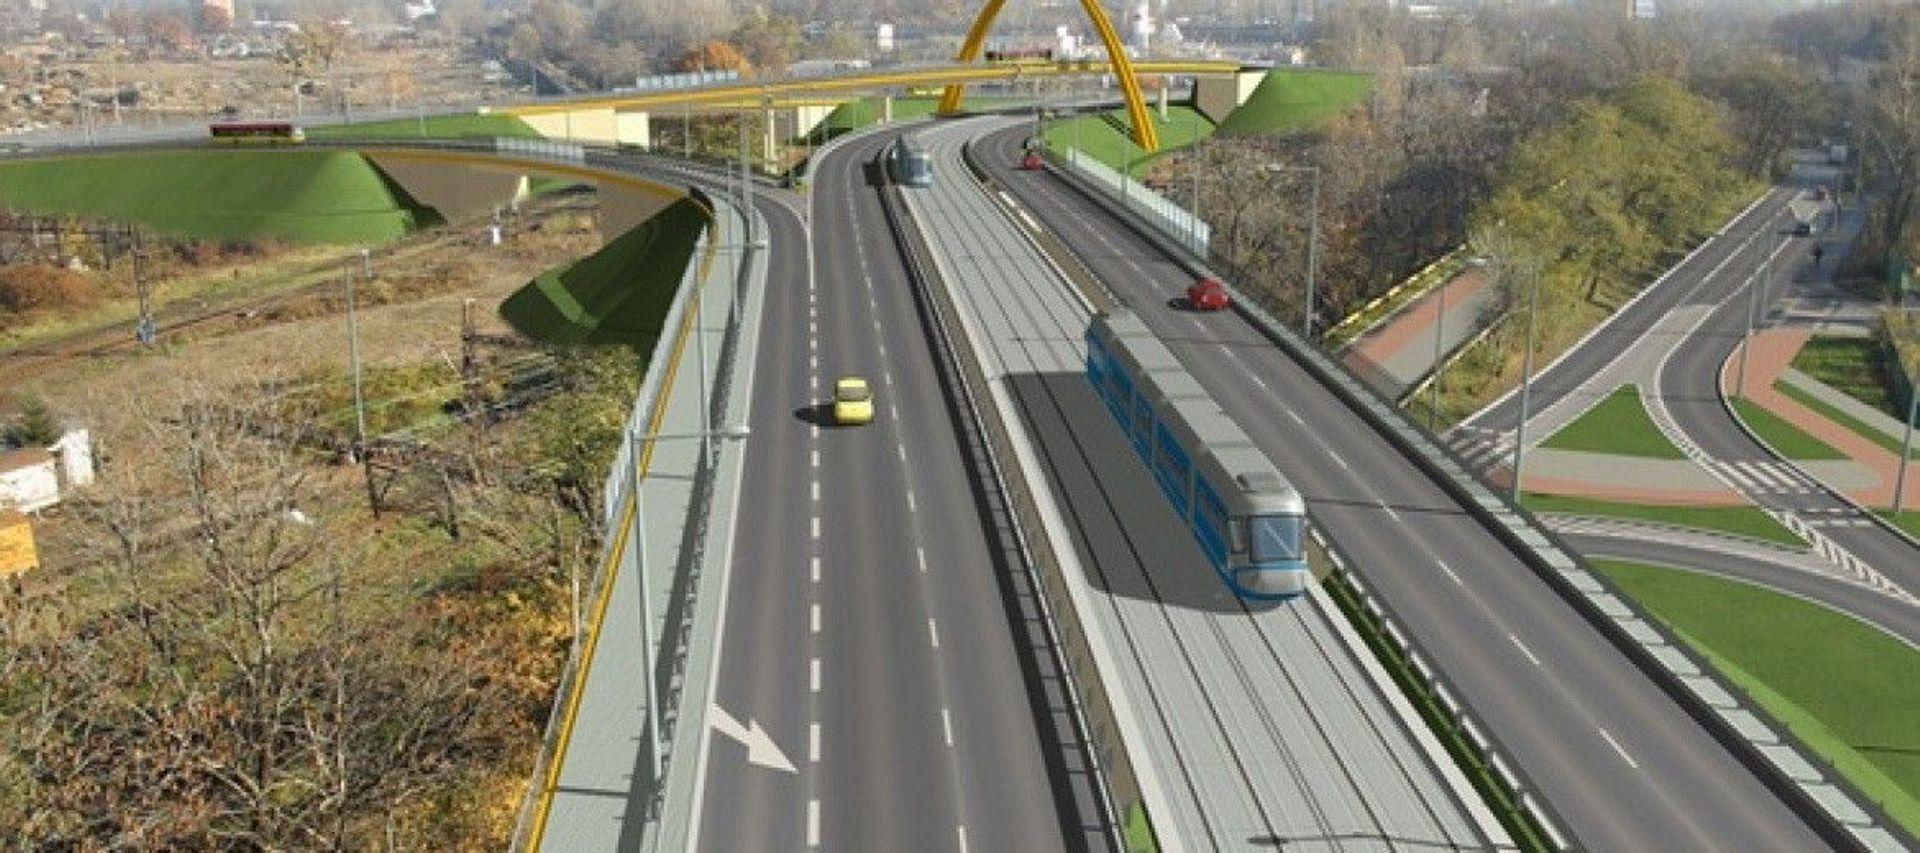 Wrocław: Ponad 400 mln zł na budowę tramwajów na Nowy Dwór i Popowice. Miasto szuka wykonawców